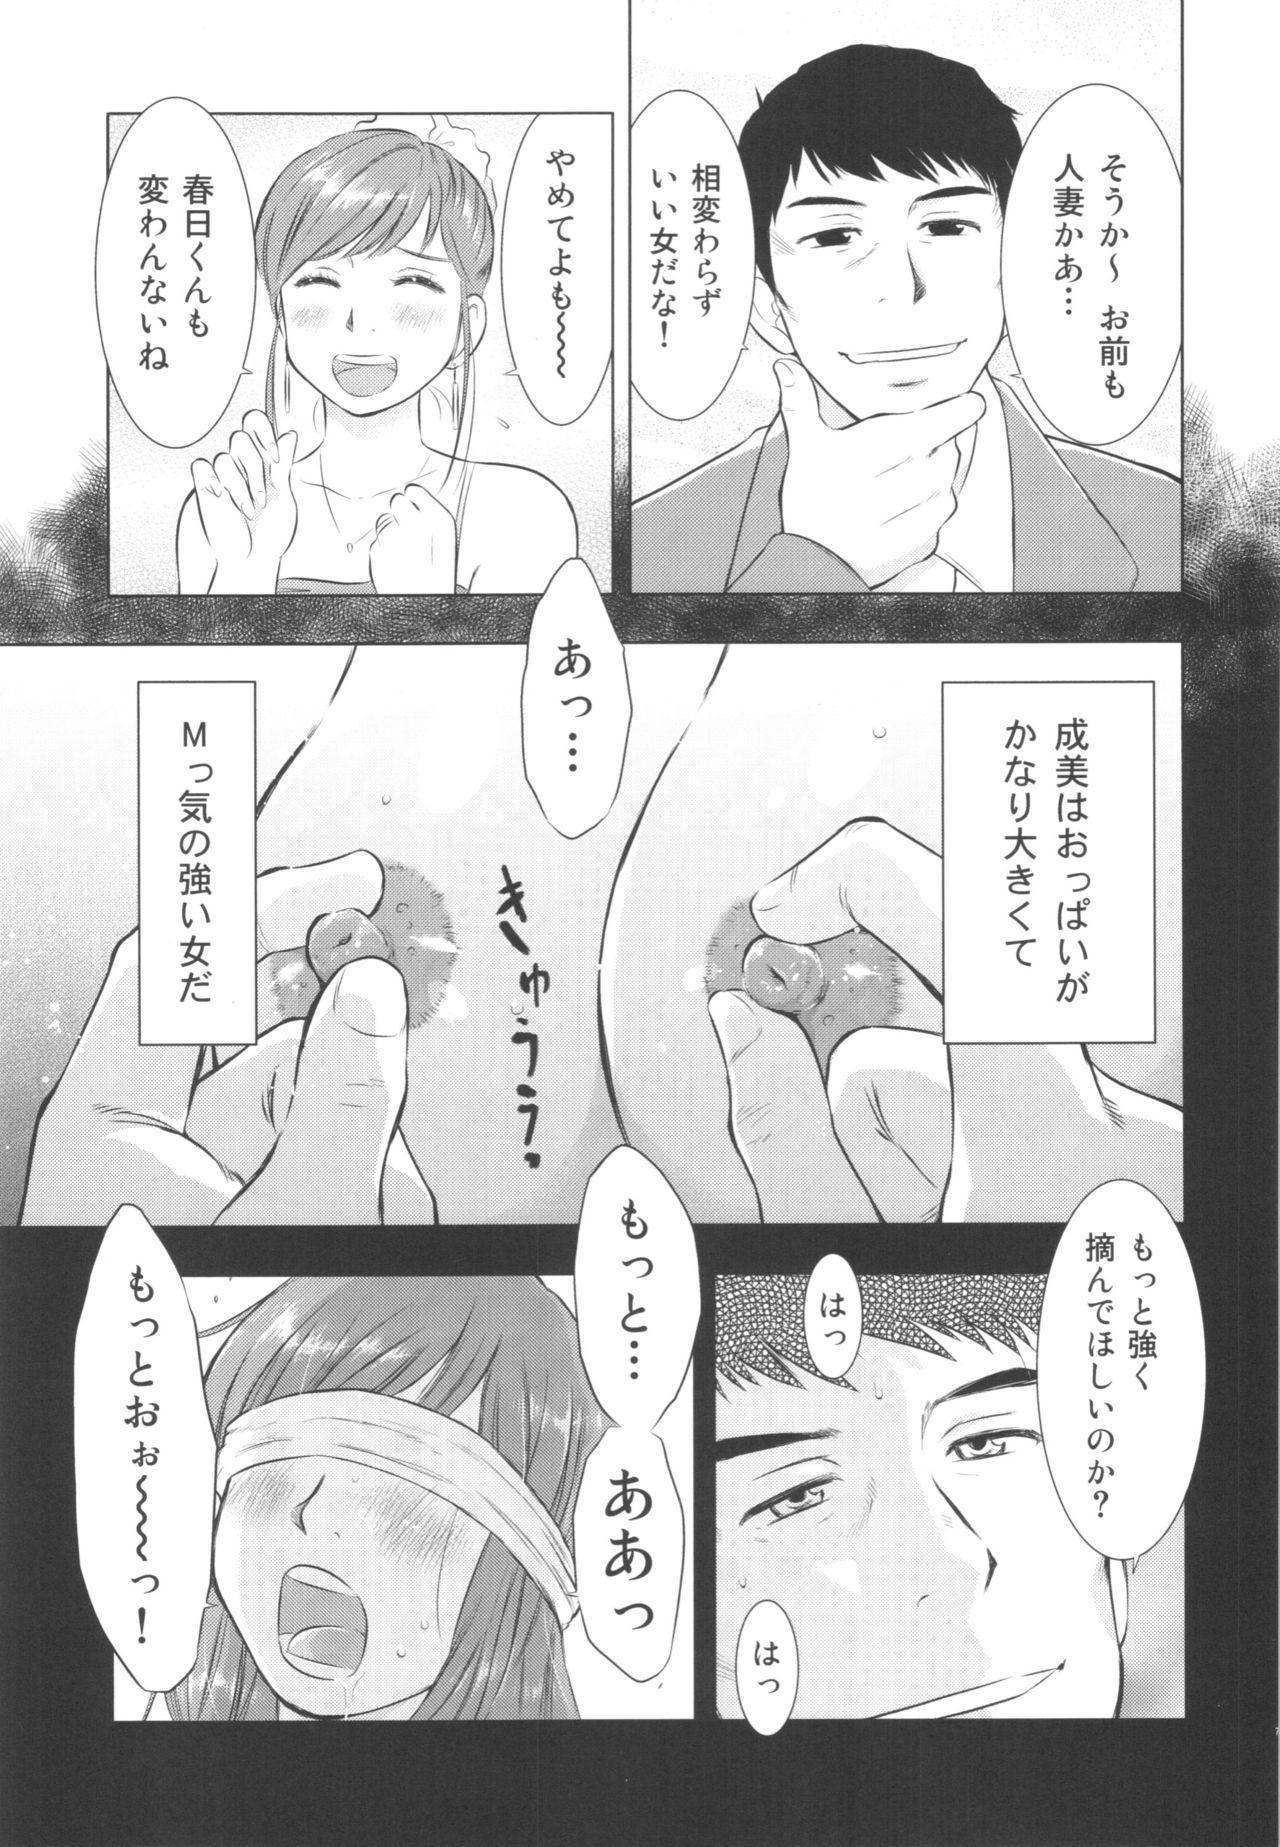 Hitozuma Zukan 2 6